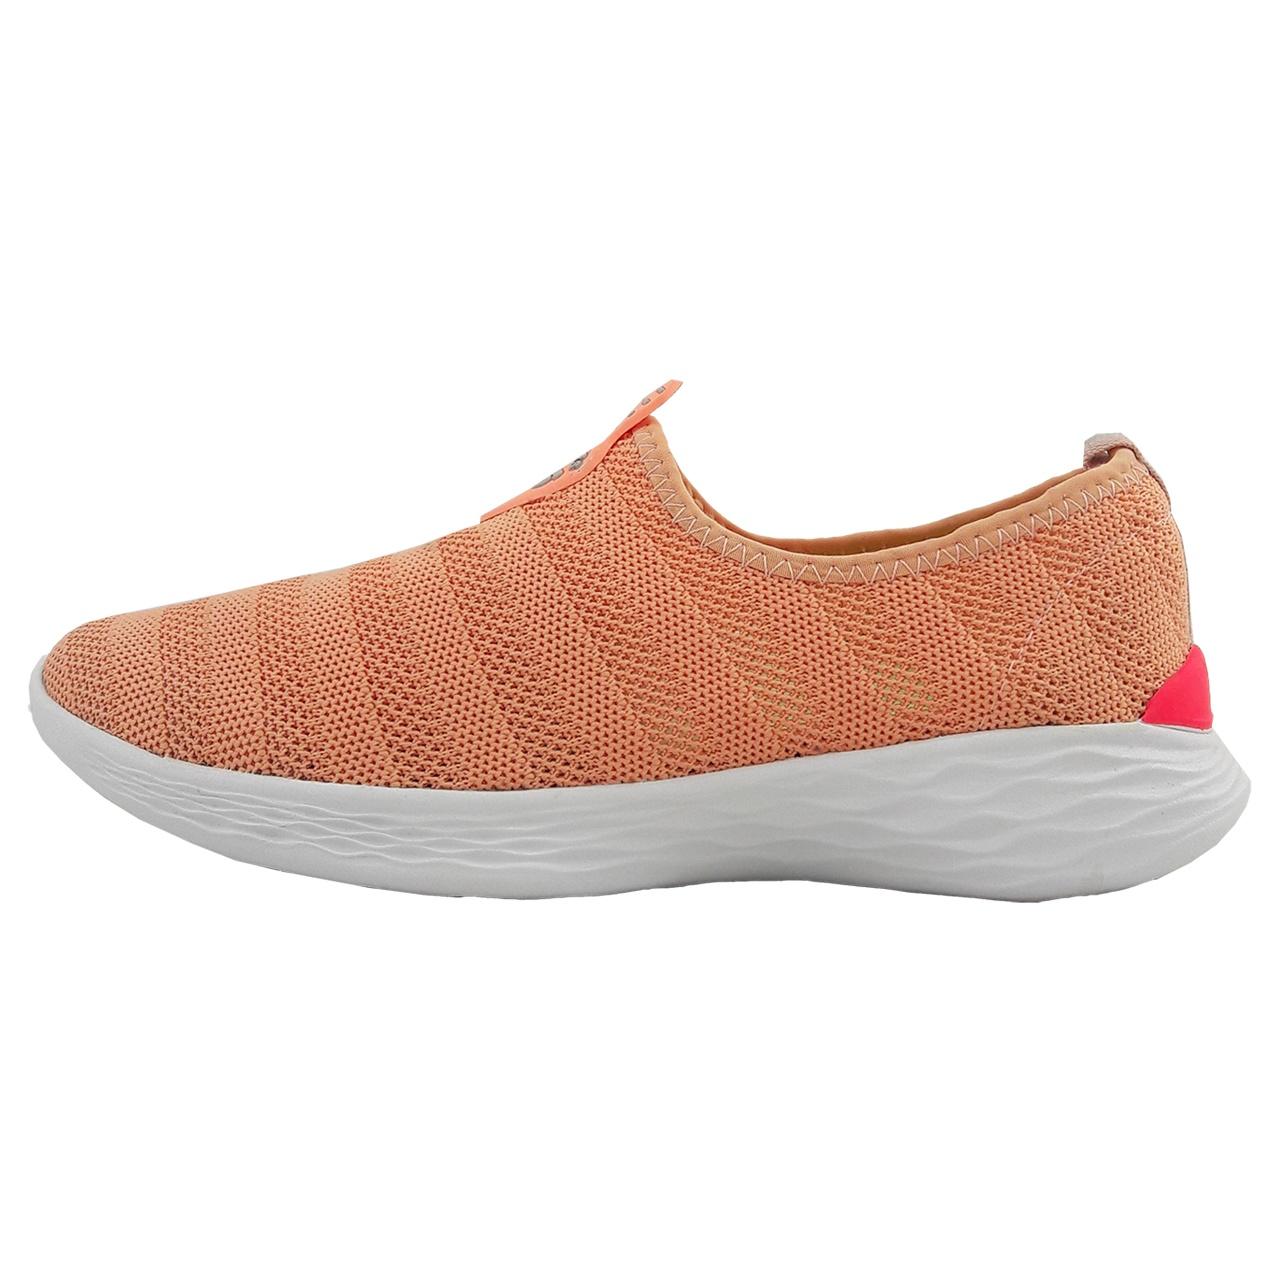 کفش مخصوص پیاده روی زنانه مدل S.shakila.org-02